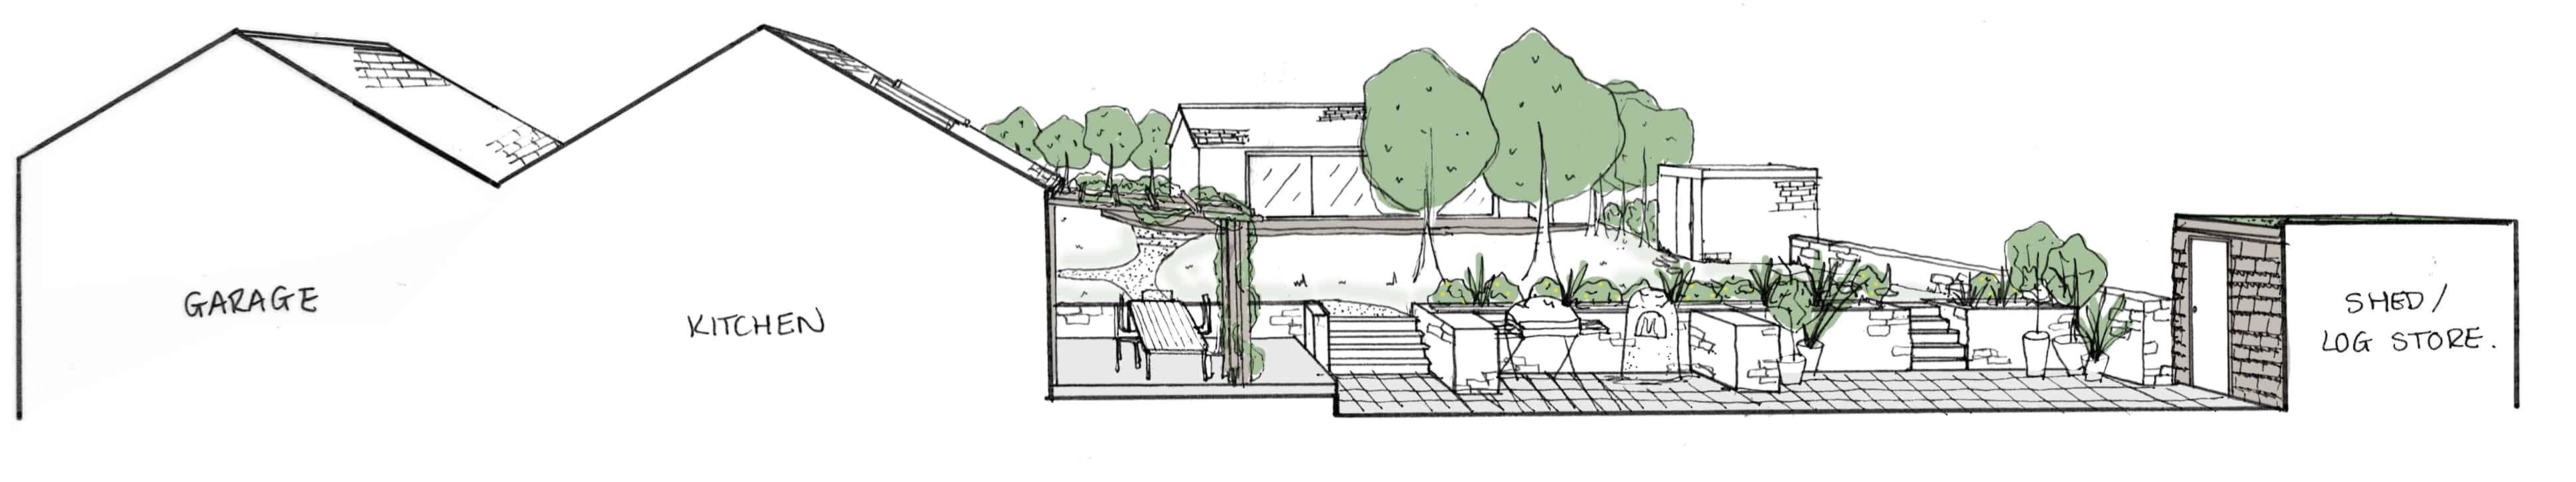 your garden dreams in a sketch